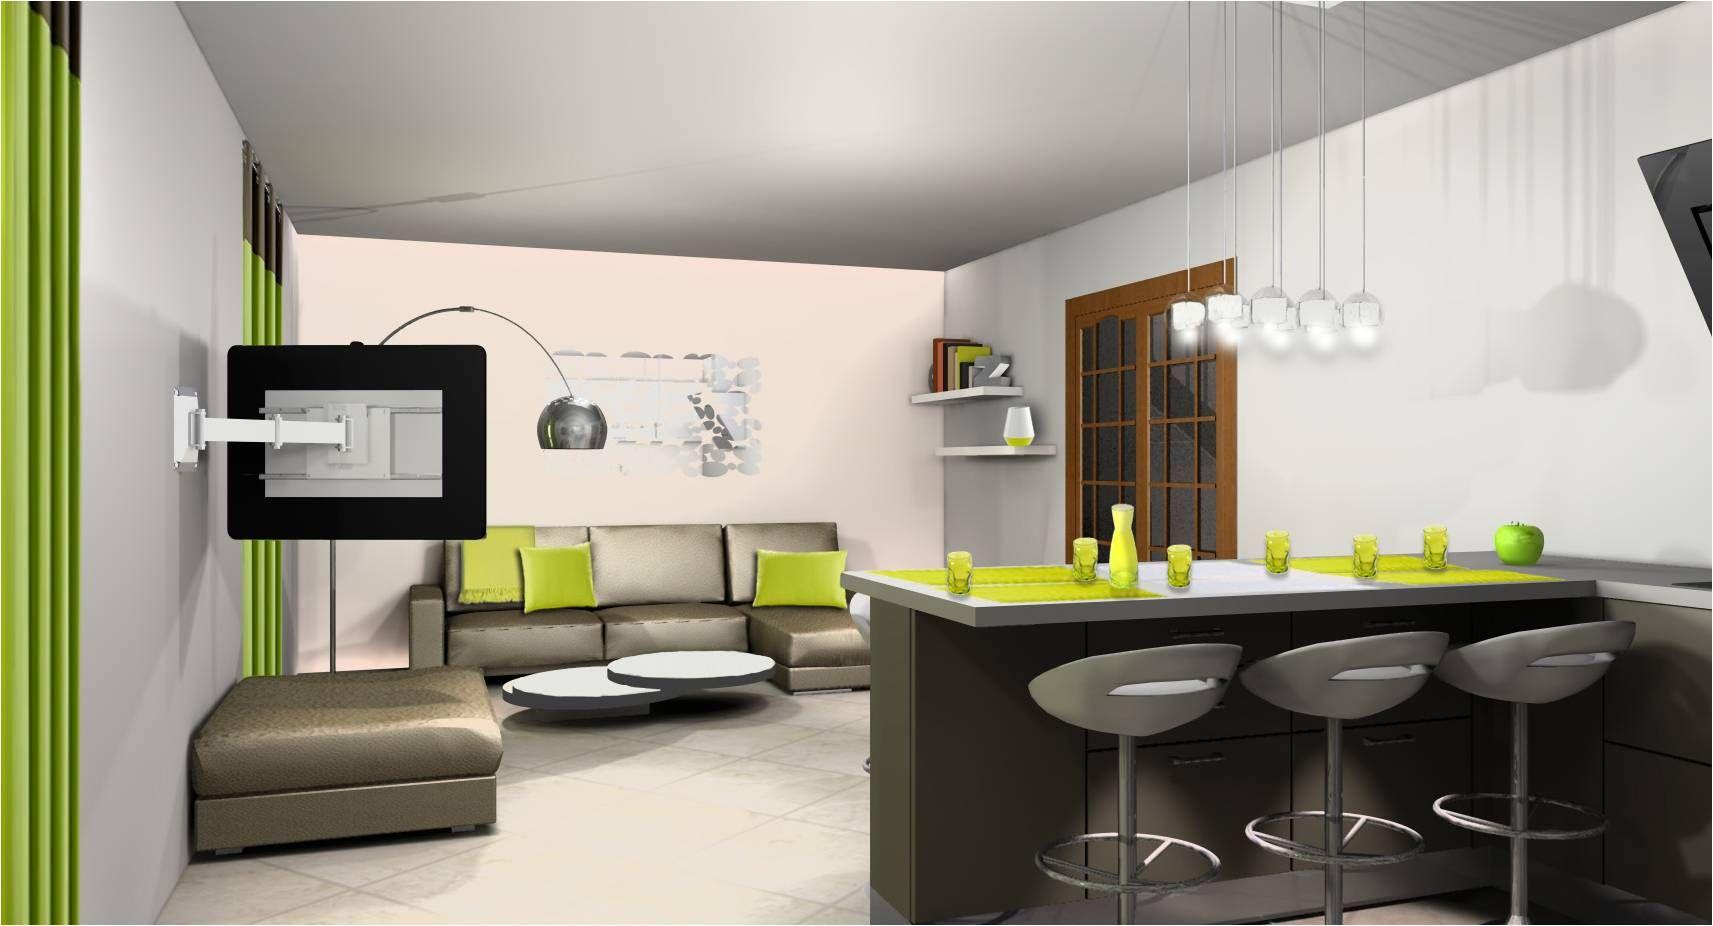 Deco salon cuisine ouverte 9m9 (avec images)  Idee deco petit